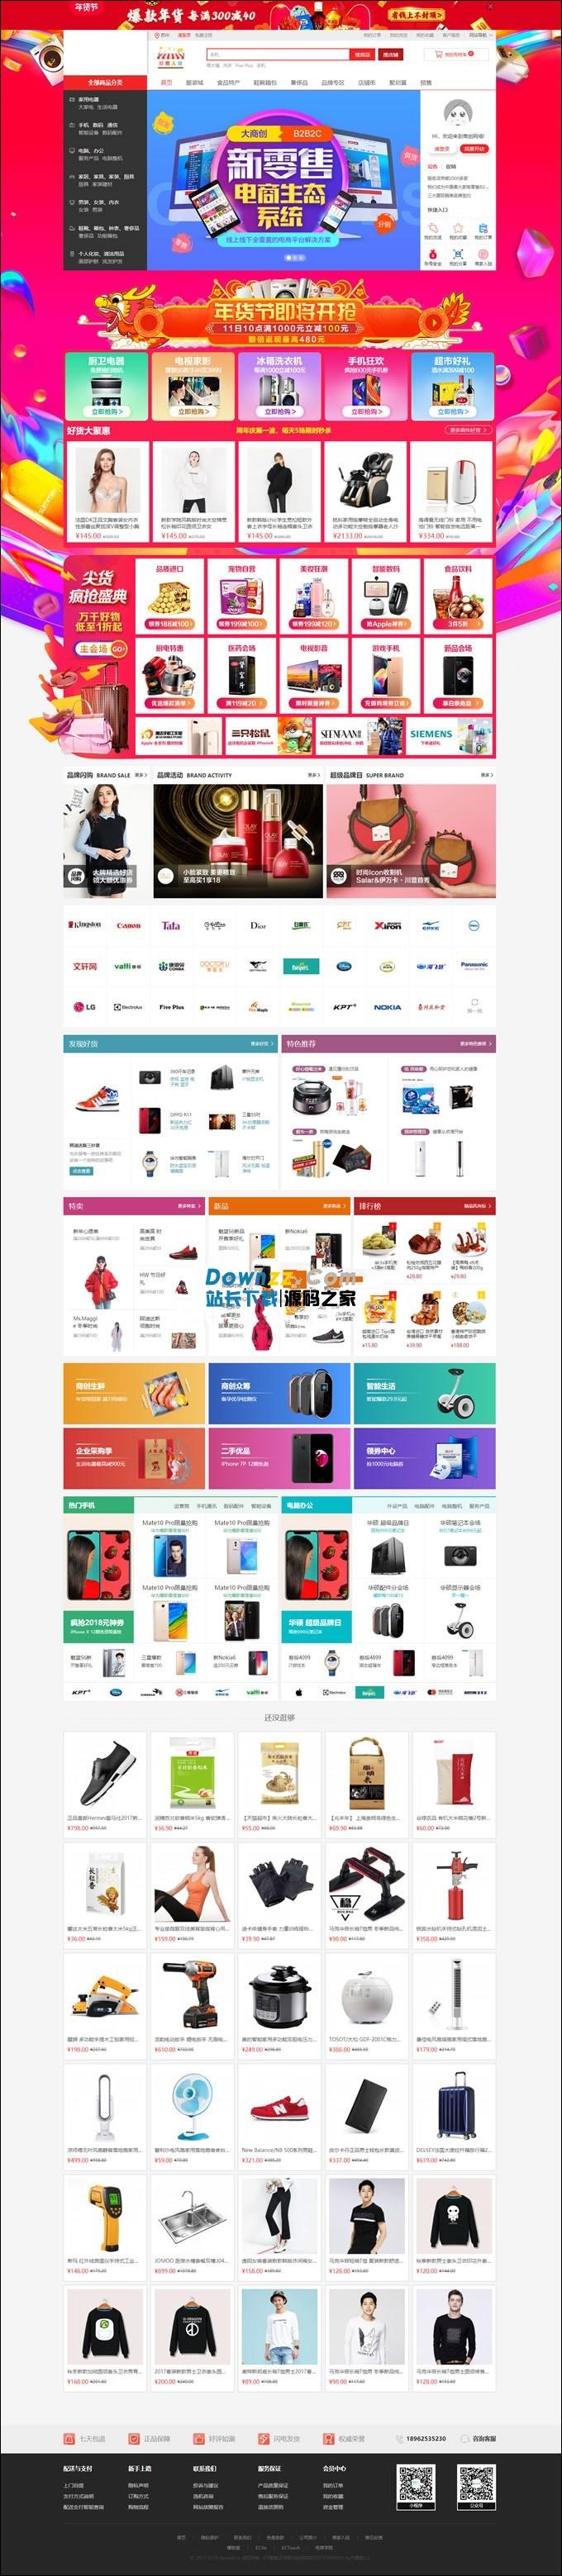 大商创商城门户V2.6.3 可视化店铺装修 带微信支付|微商城|分销代理|商品主图小视频